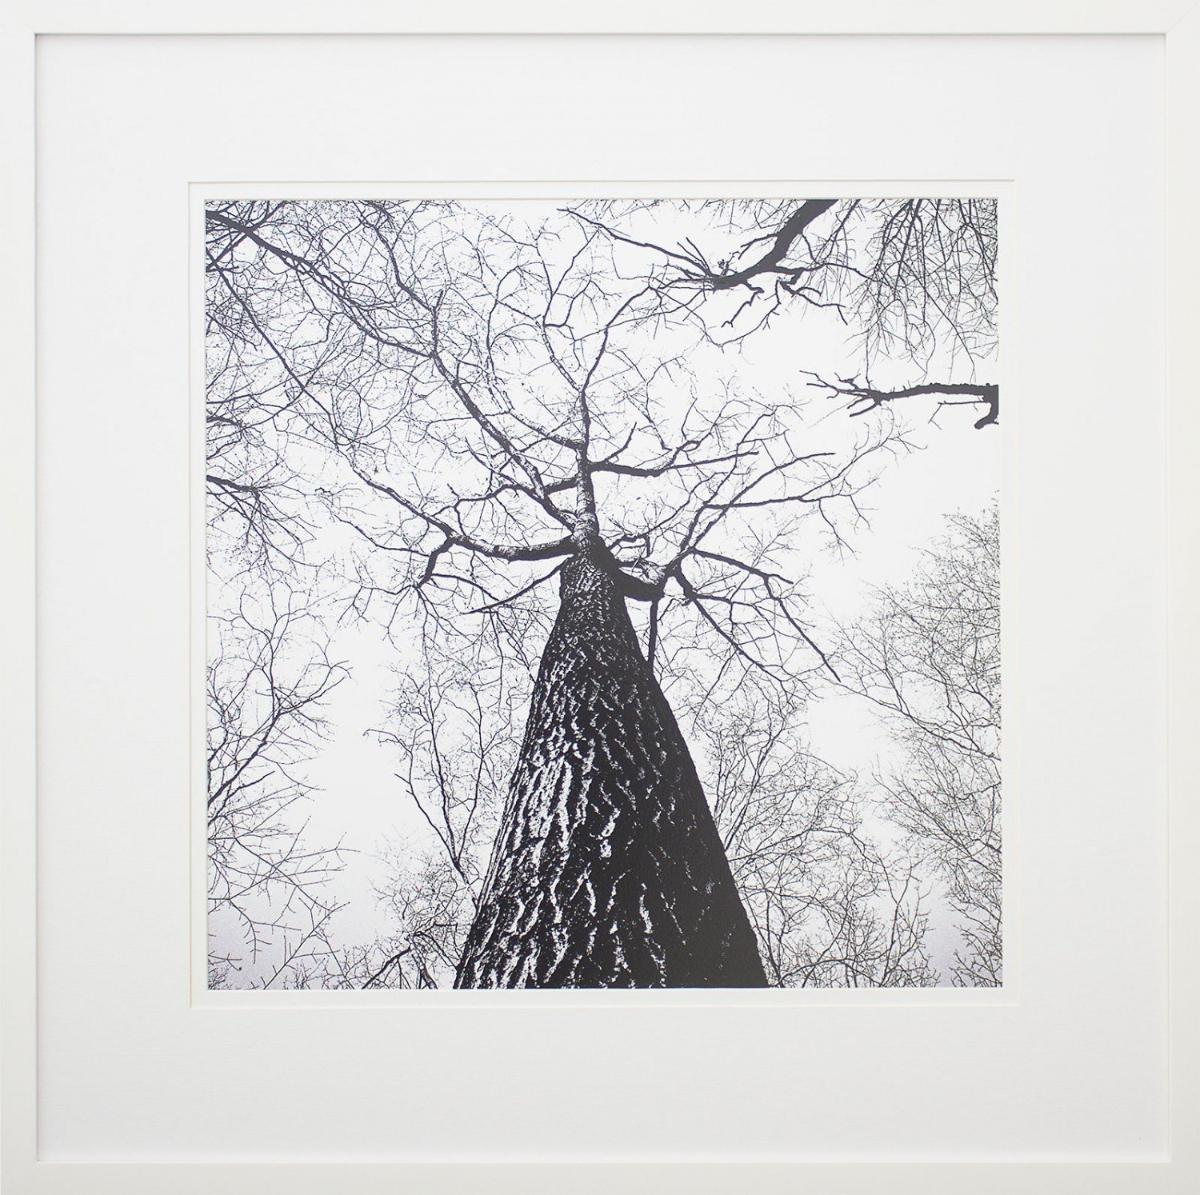 9e5b6cd79 quadro paisagem de inverno árvore em preto e branco 70x70cm. Carregando  zoom.